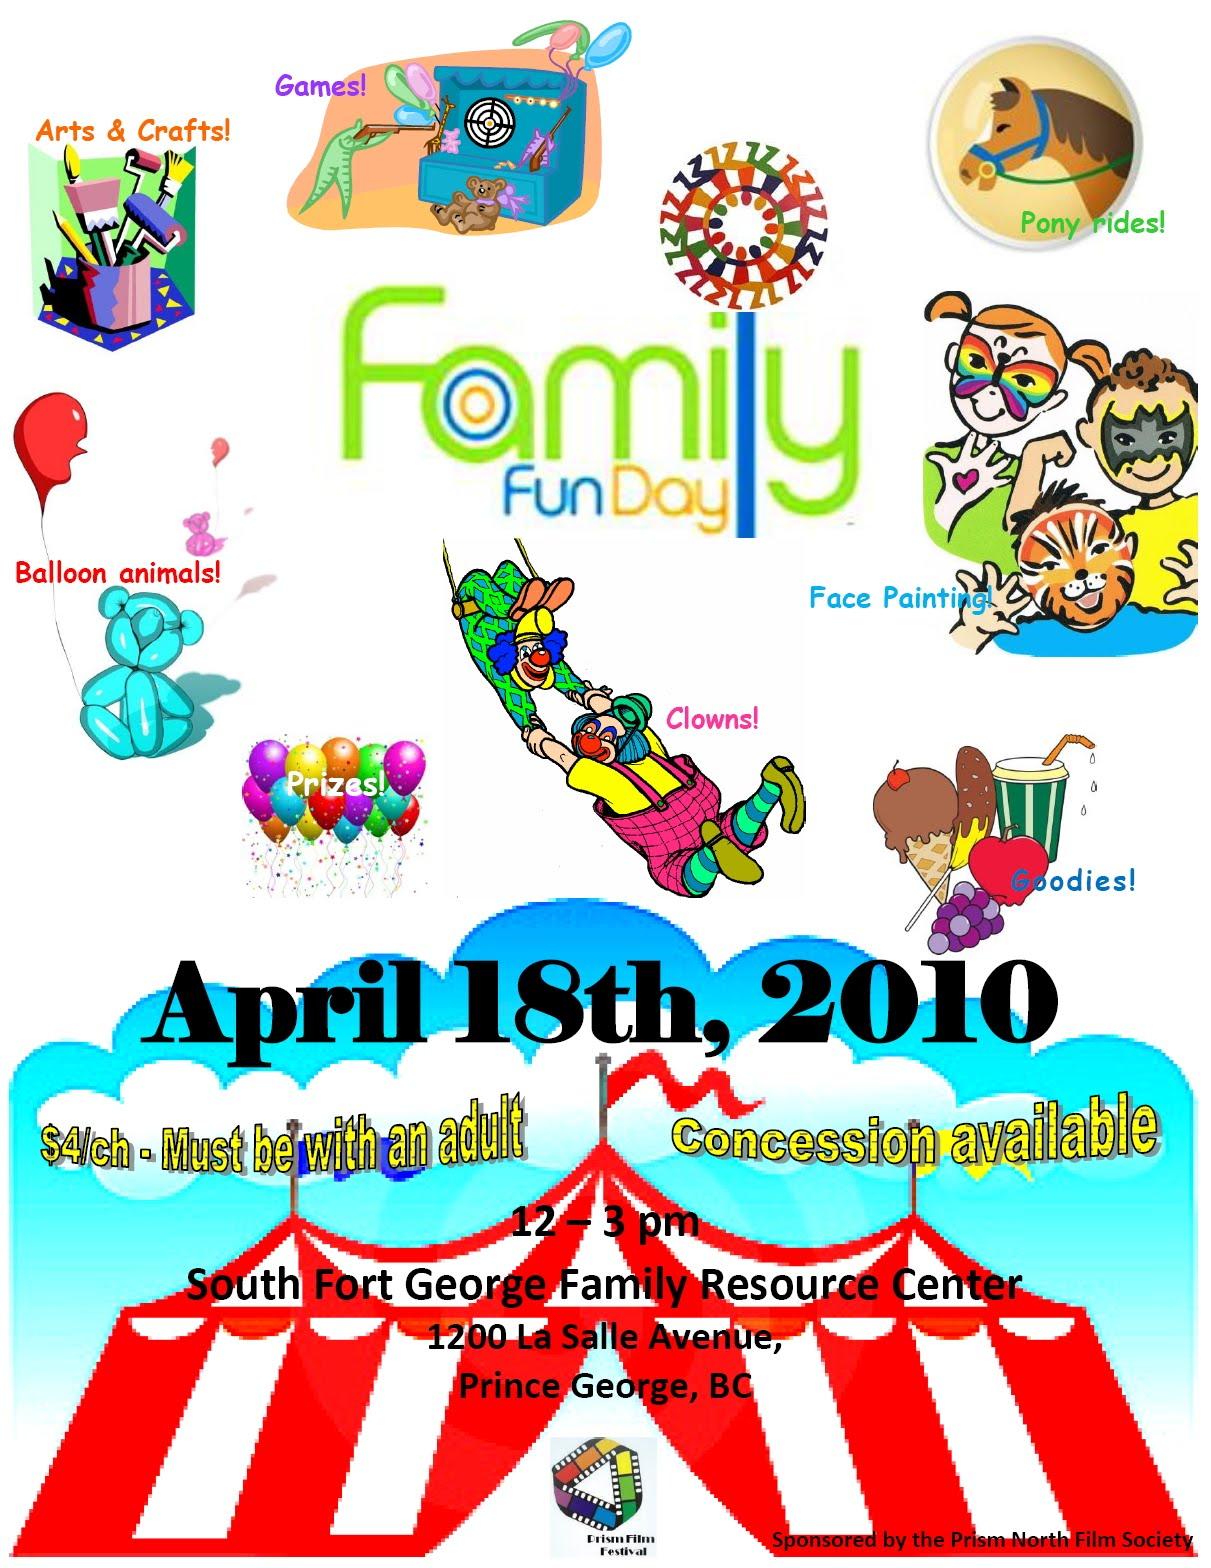 Fun clipart family fun day #2